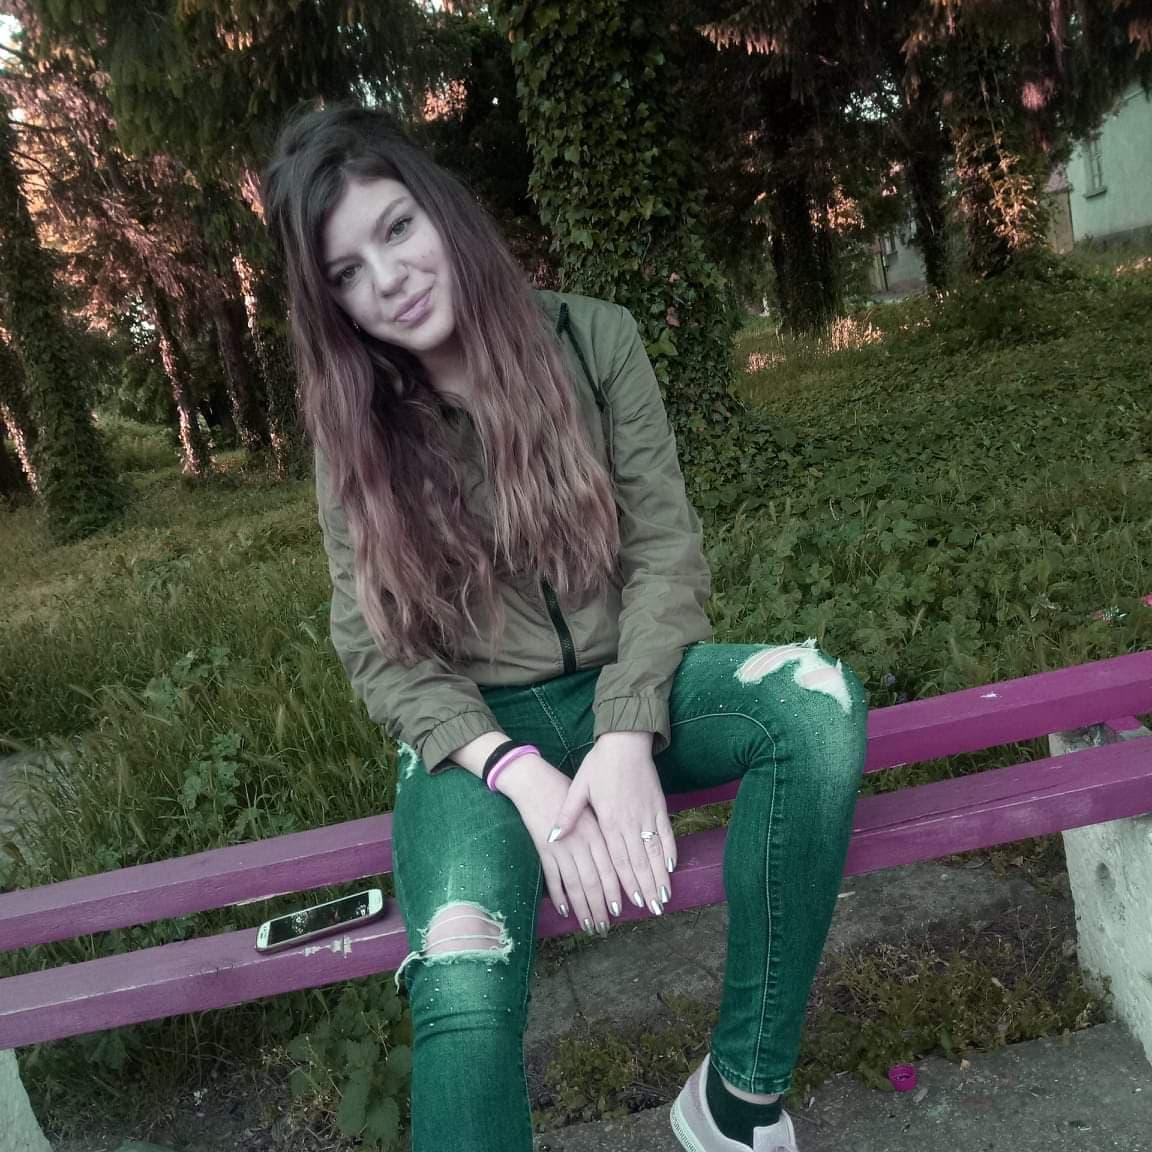 На село животът е прекрасен, колкото и да е труден и тежък! (от Емилия Ценкова) – 625 ХАРЕСВАНИЯ